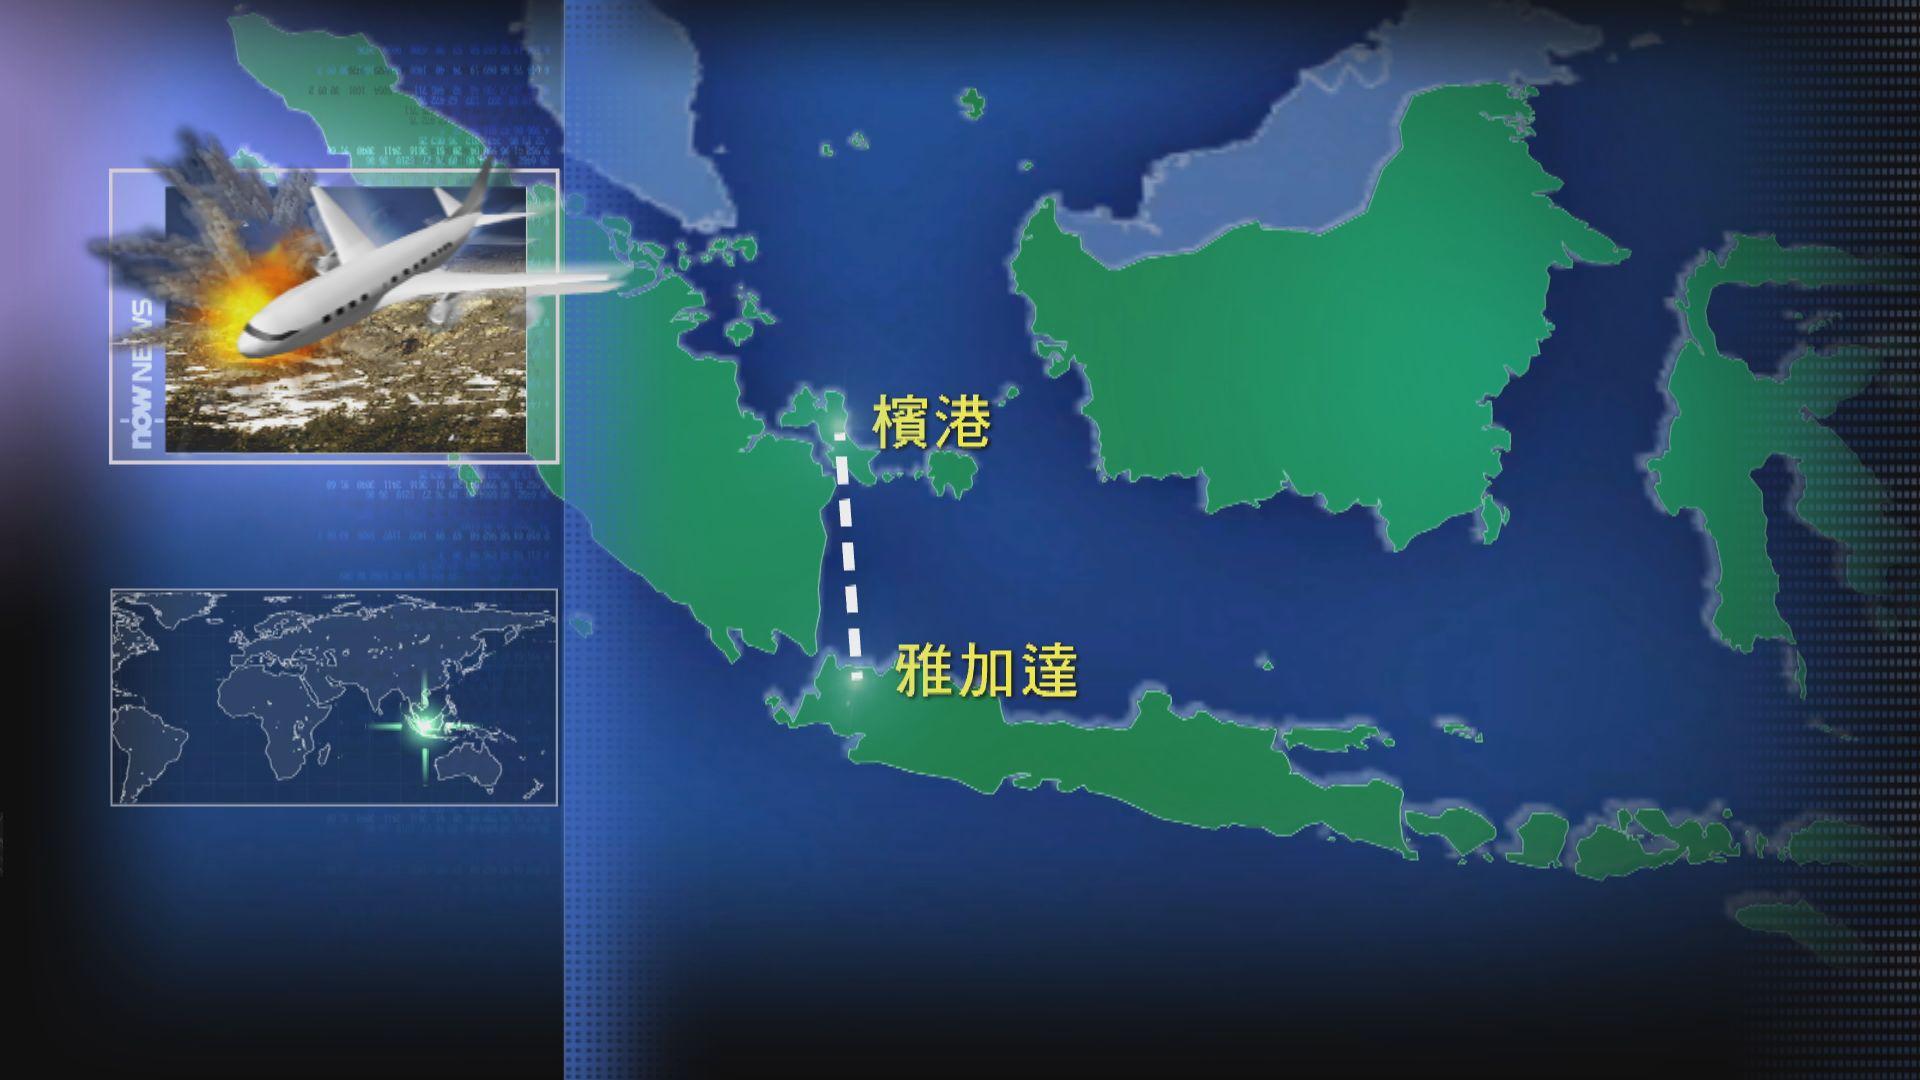 印尼獅子航空內陸機墜毀 機師曾通報有故障